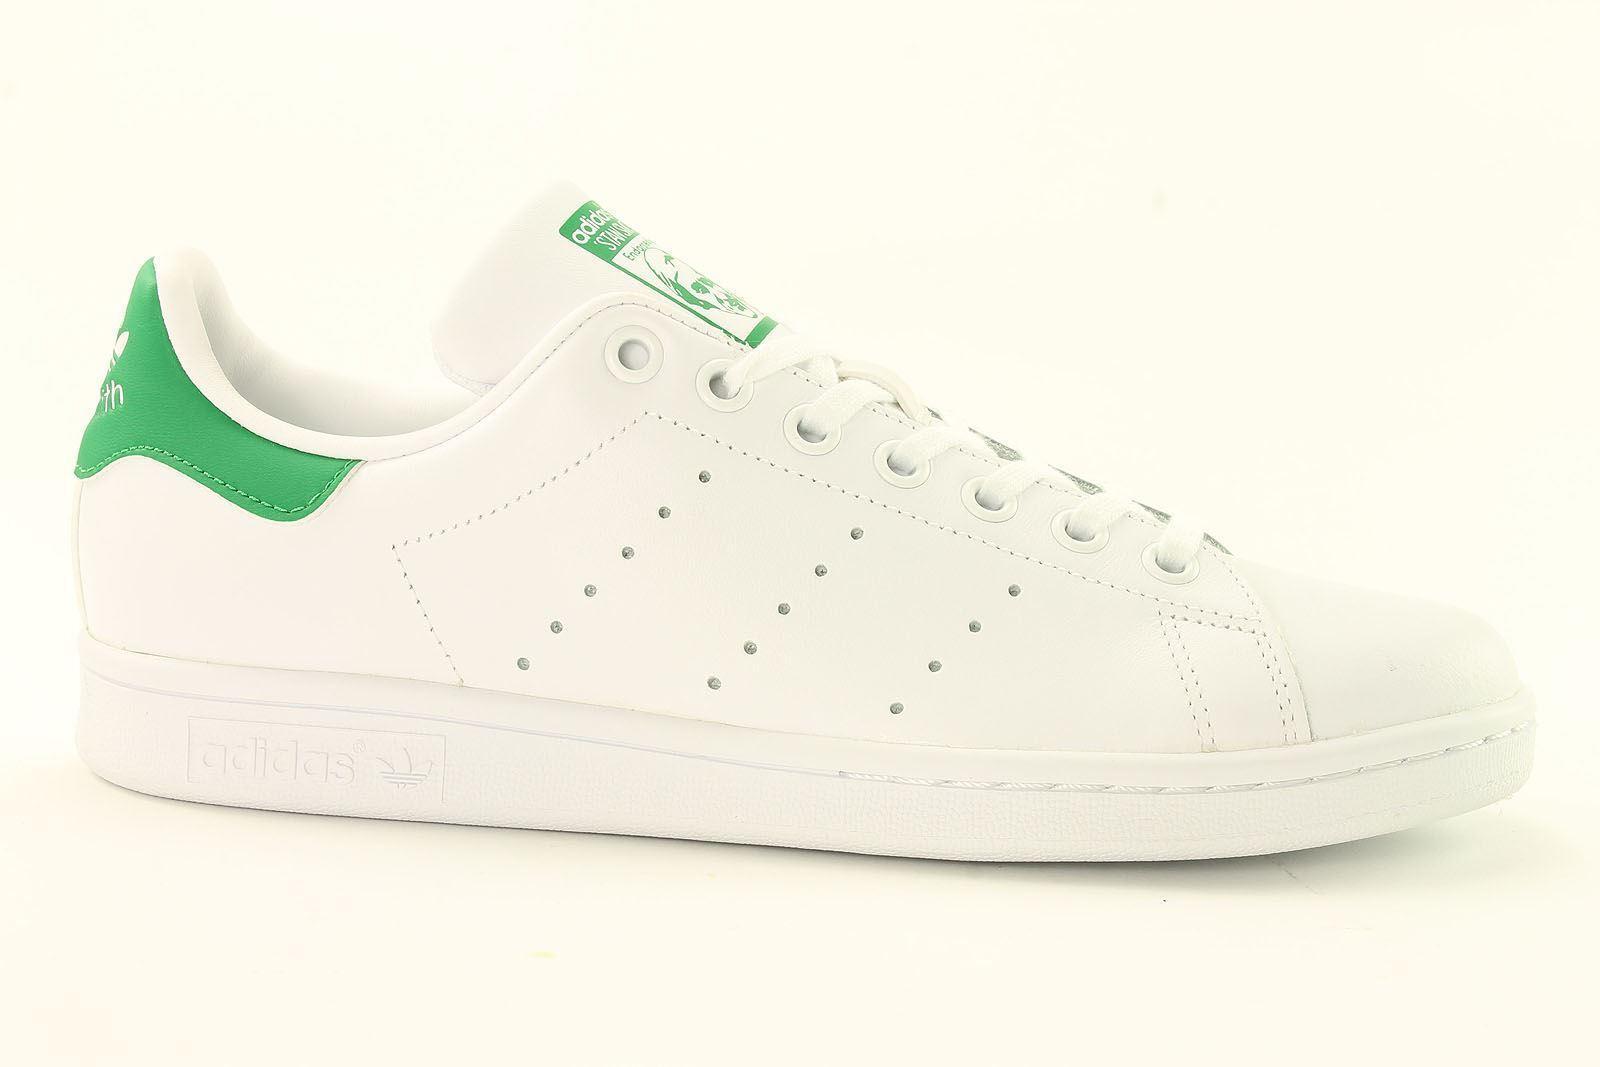 2d6e11ac Обувь для мальчика adidas Stan Smith Junior Trainers~Originals~UK 3 to 6.5  Onl - 263006475844 - купить на eBay.com (США) с доставкой в Украину |  Megazakaz. ...